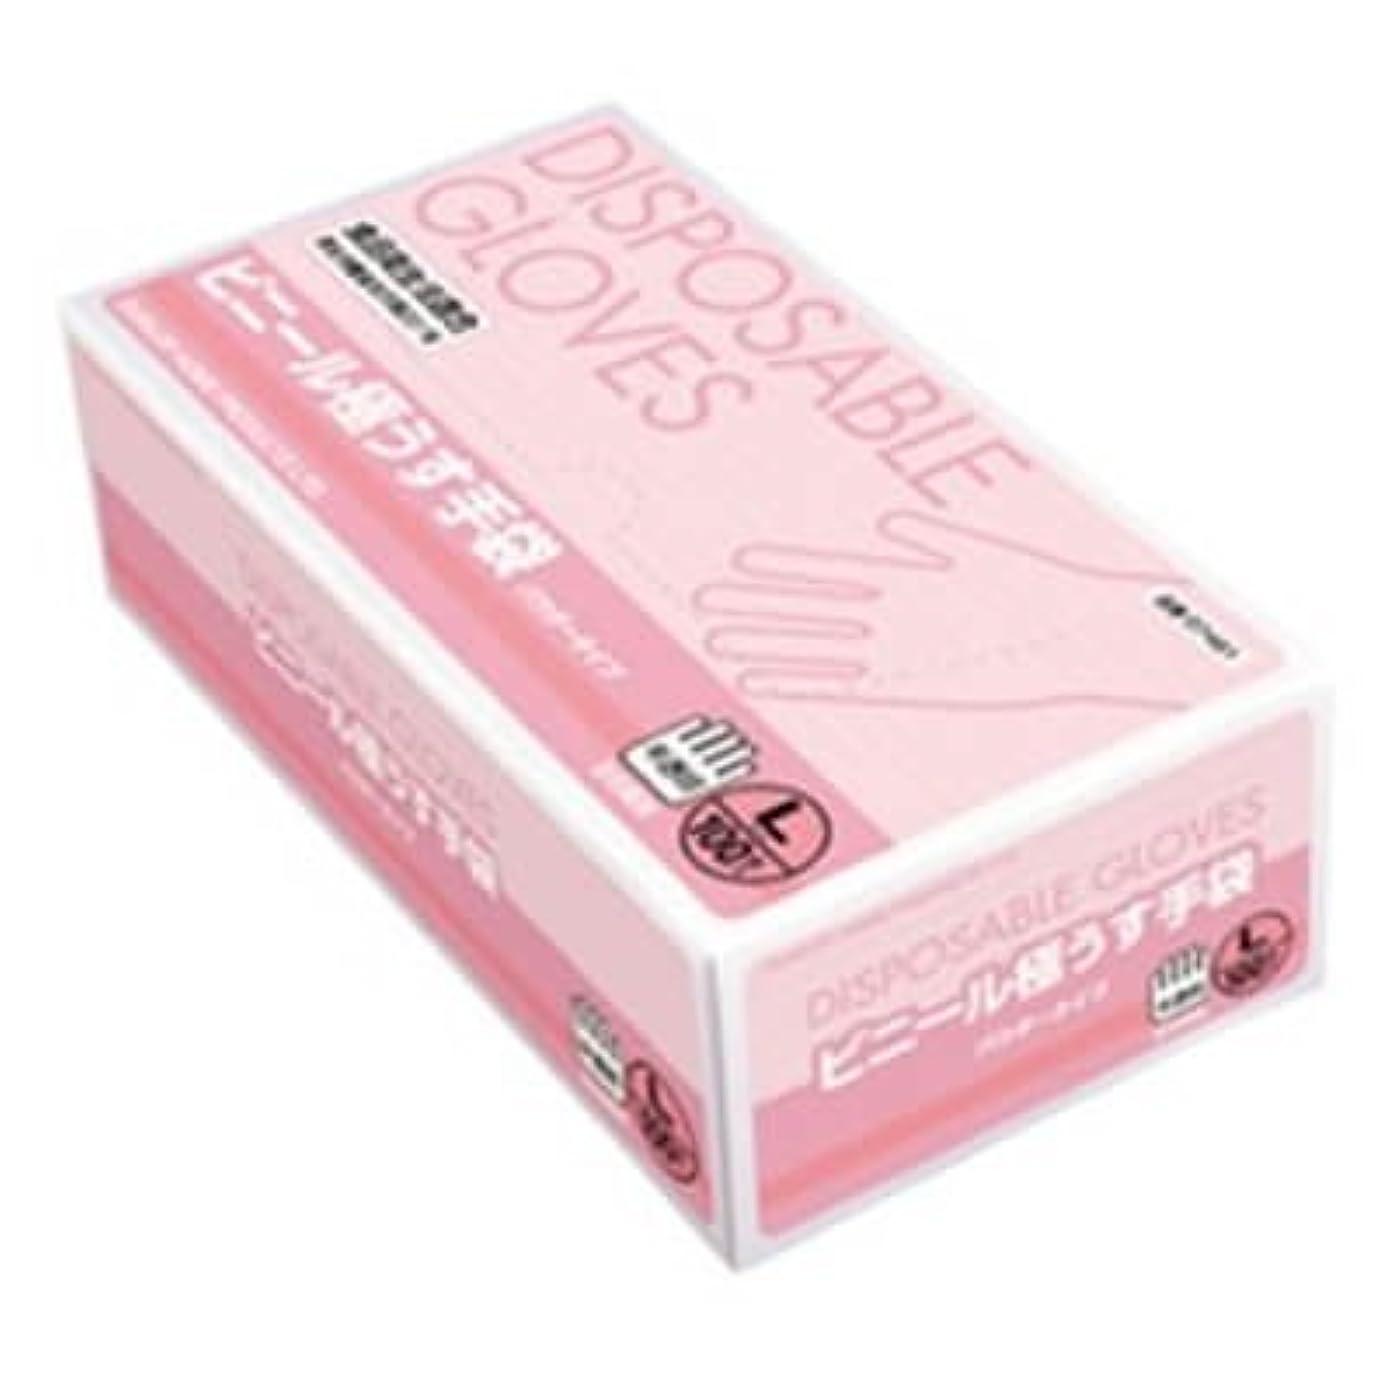 【ケース販売】 ダンロップ ビニール極うす手袋 食品衛生法適合品 L 半透明 (100枚入×20箱)